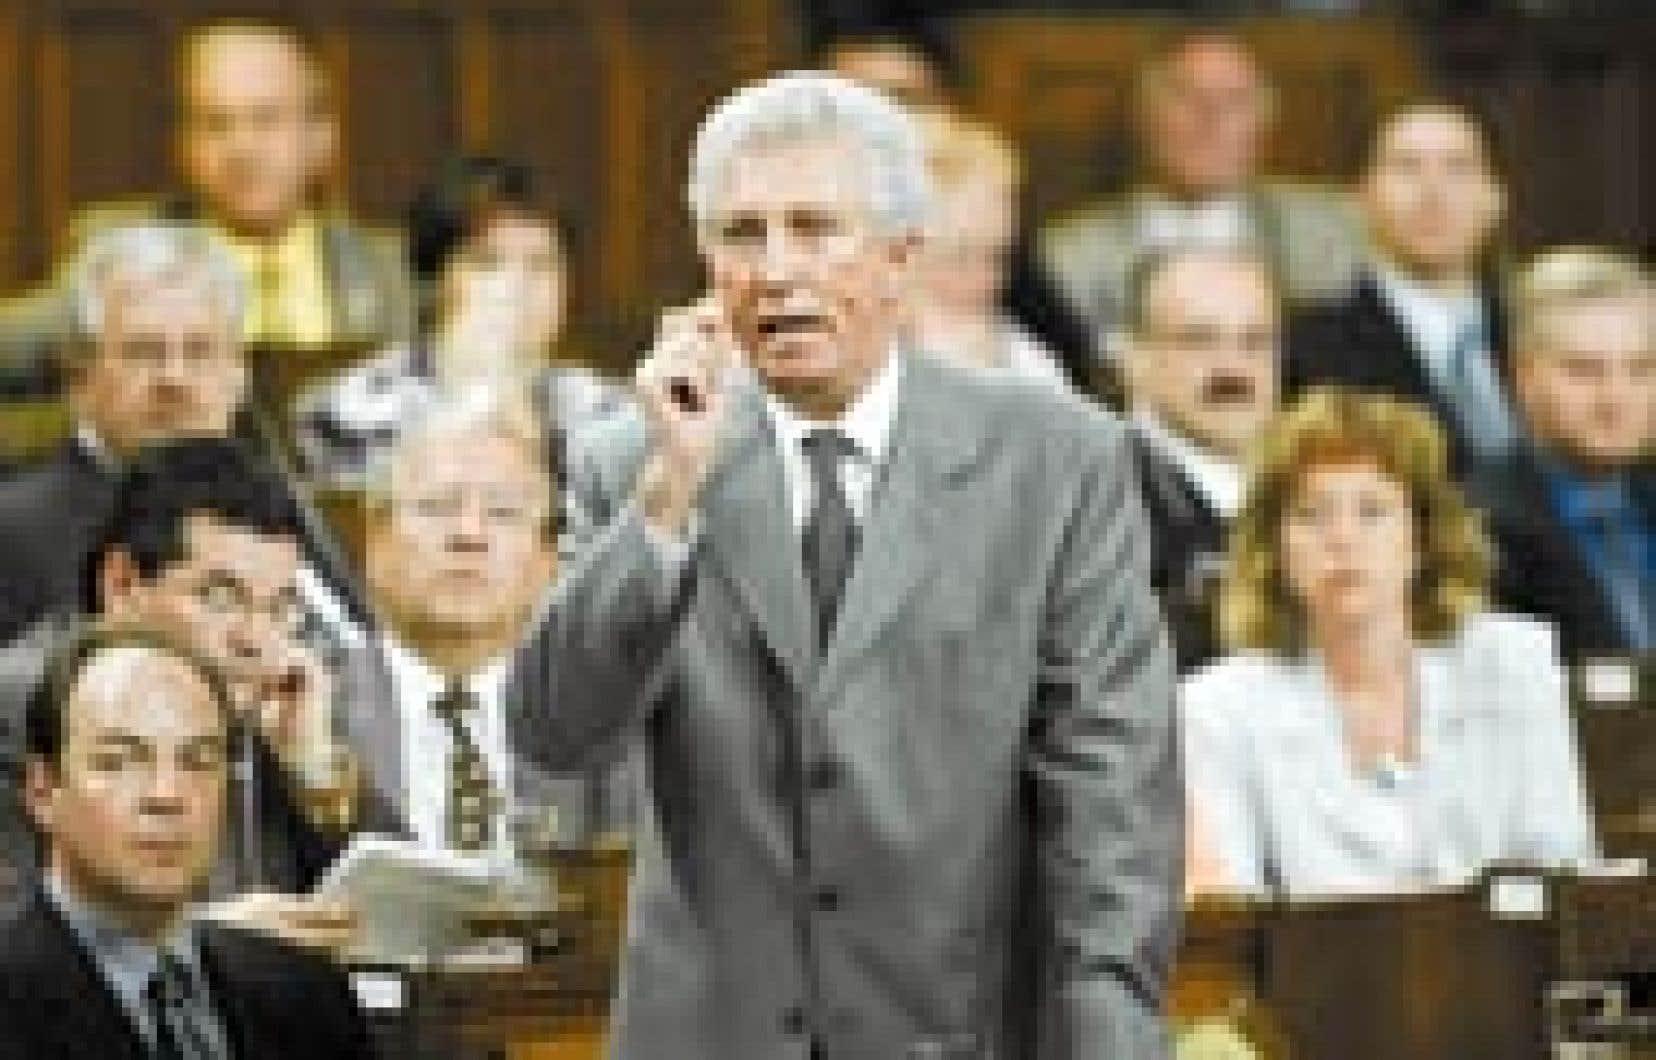 Gilles Duceppe s'exprimant à la Chambre des communes, hier. Le chef du Bloc québécois doit décider s'il se lance dans la course à la direction du PQ.